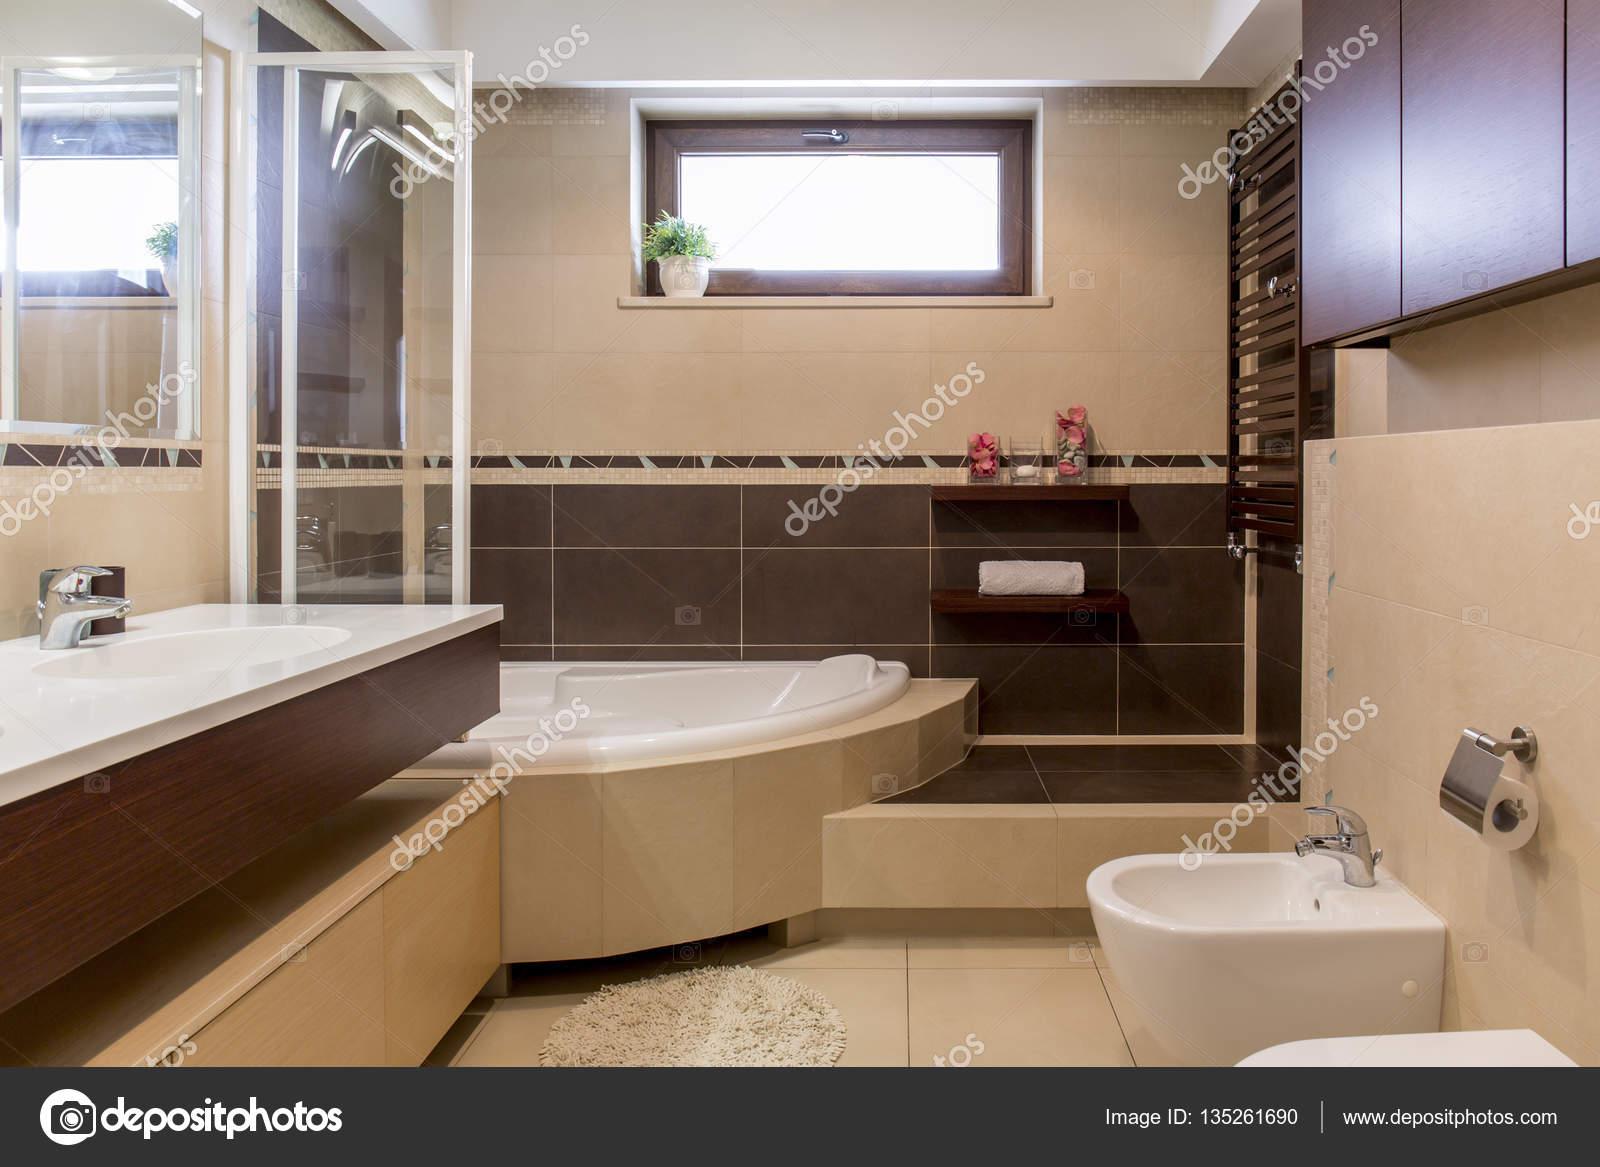 bagno moderno beige e marrone ? foto stock © photographee.eu ... - Bagni Moderni Beige E Marrone